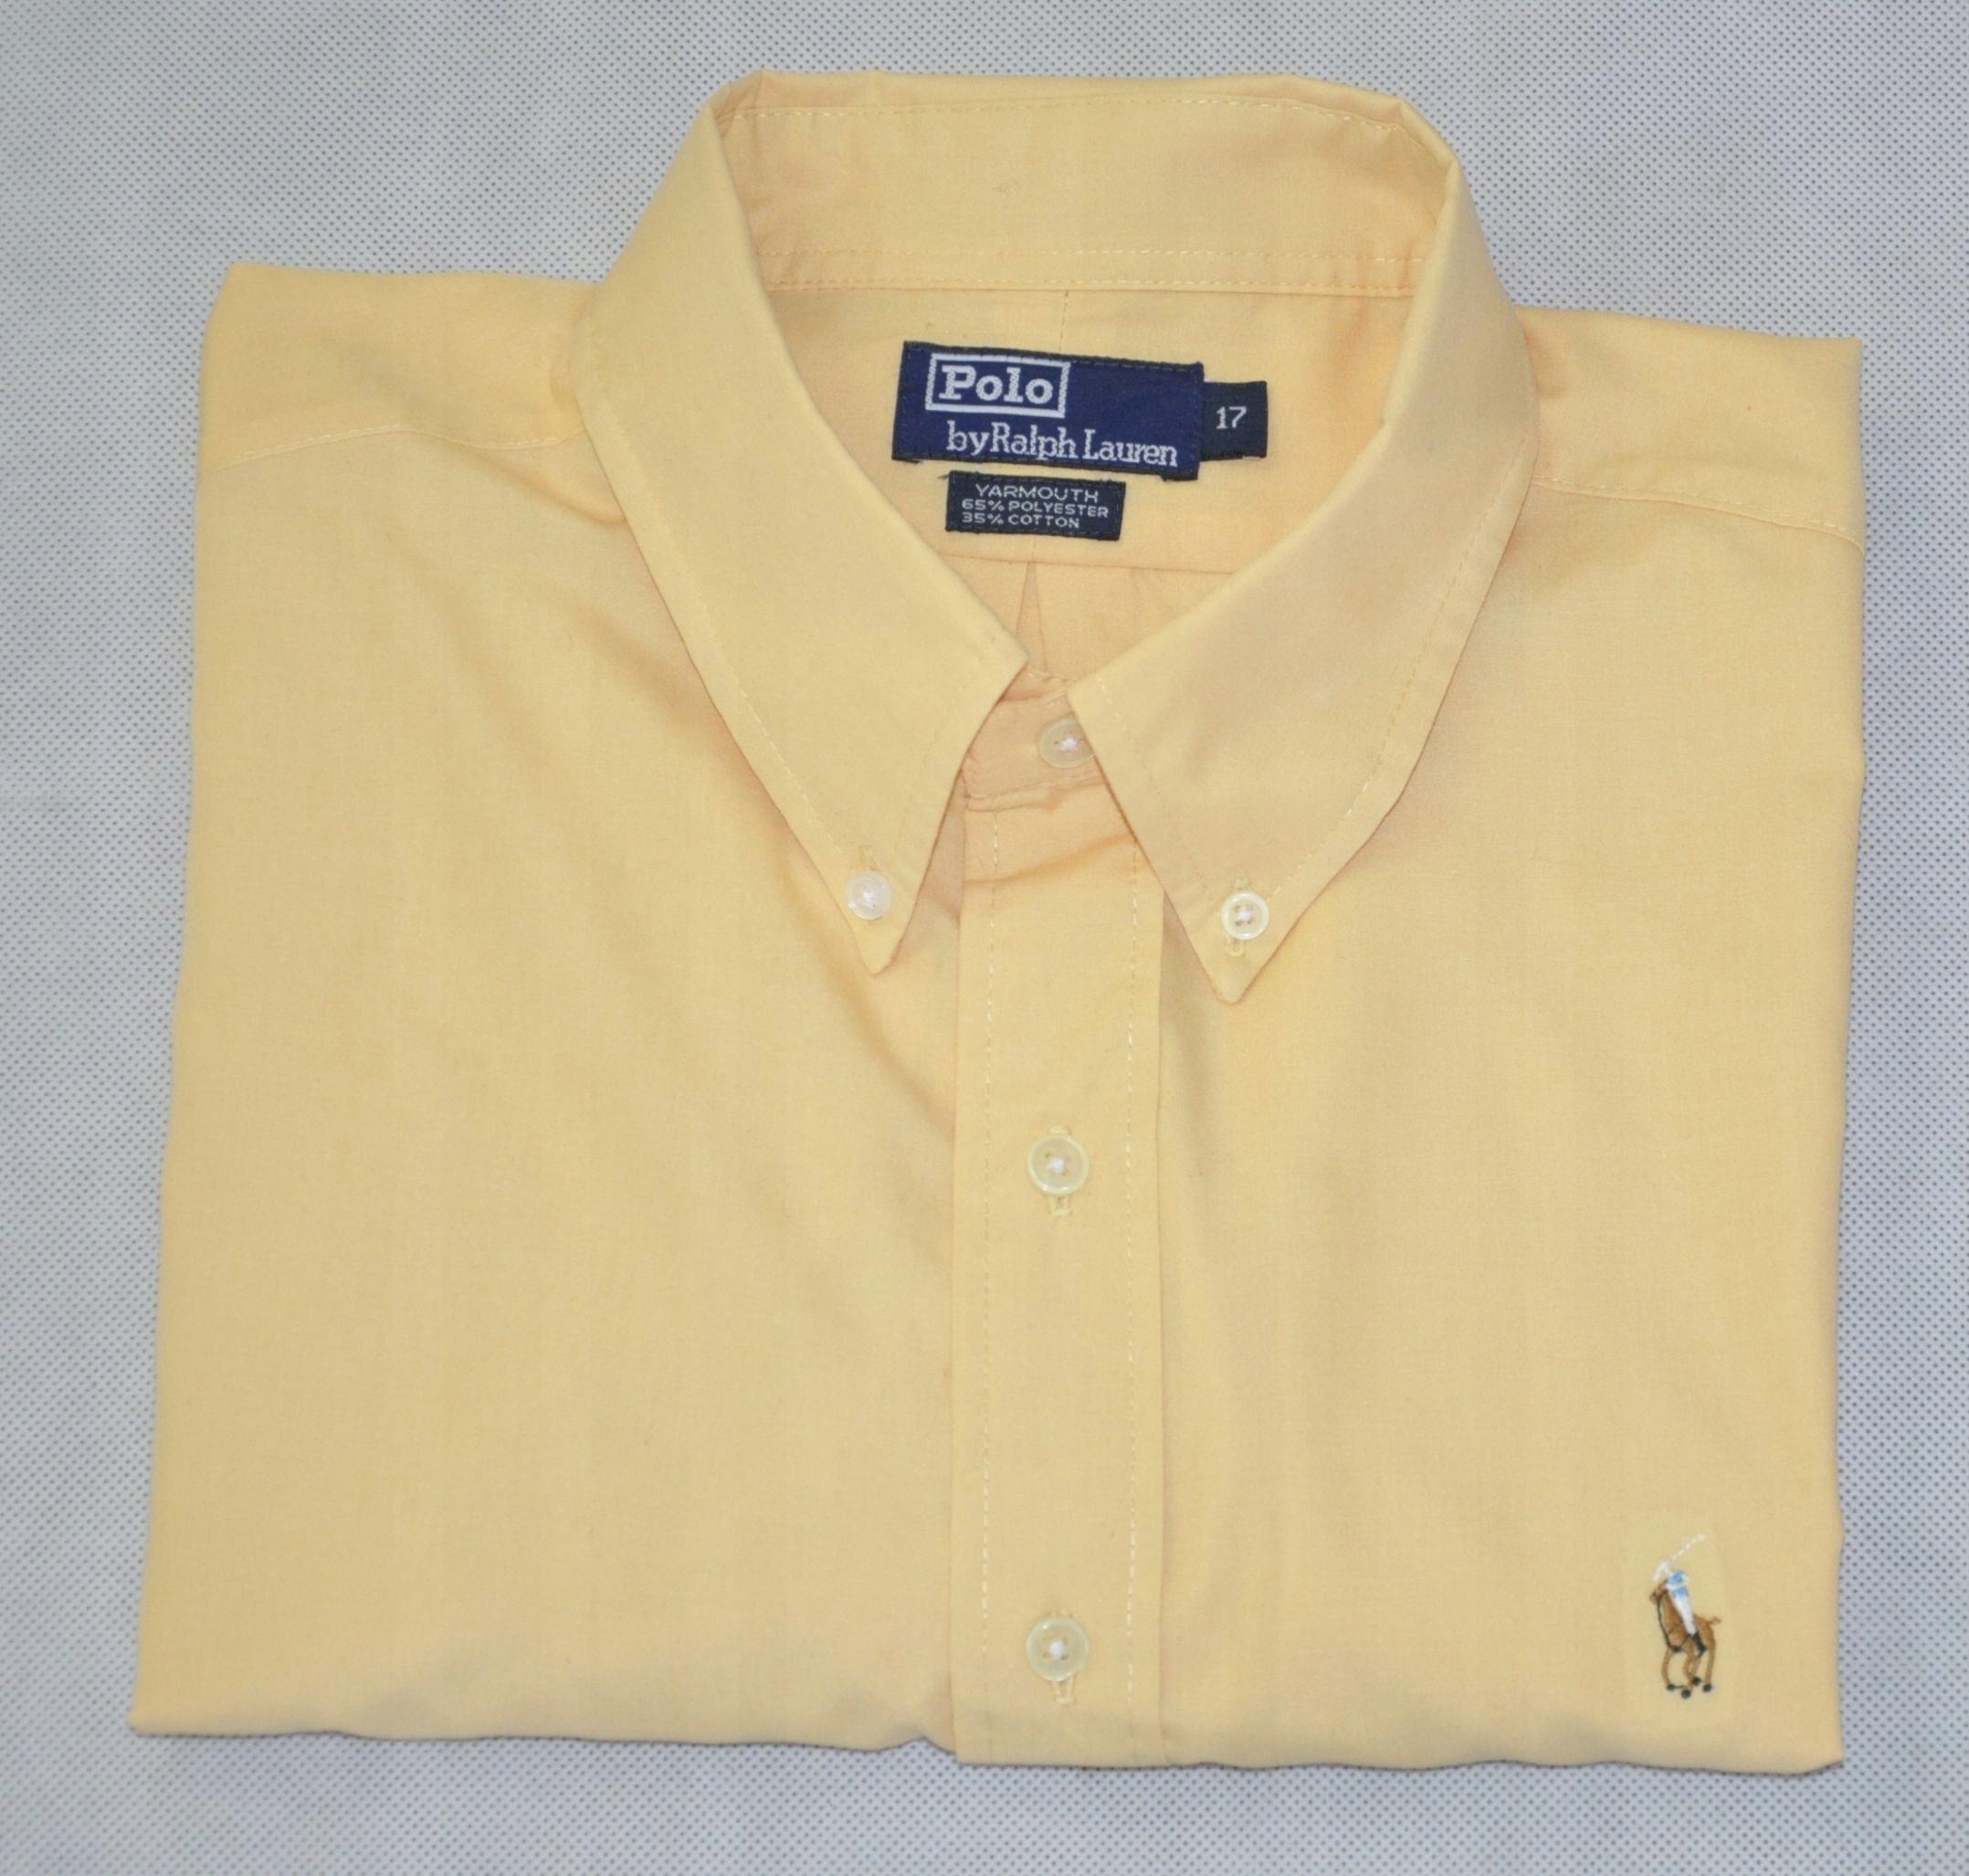 RALPH LAUREN YARMOUTH koszula męska żółta XXL 44